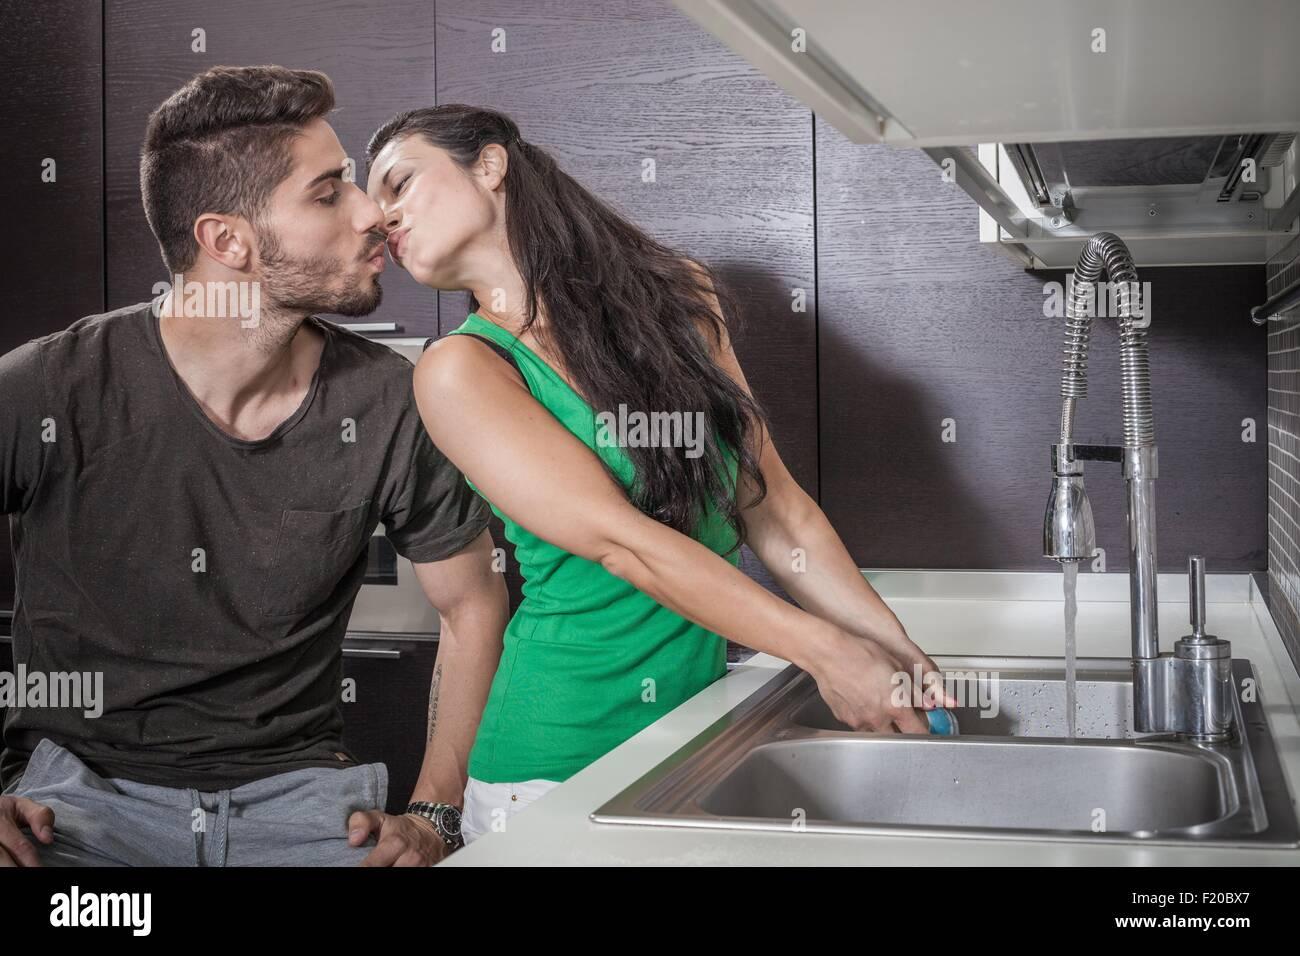 Giovane donna lavaggio fino mentre baciare Ragazzo Immagini Stock